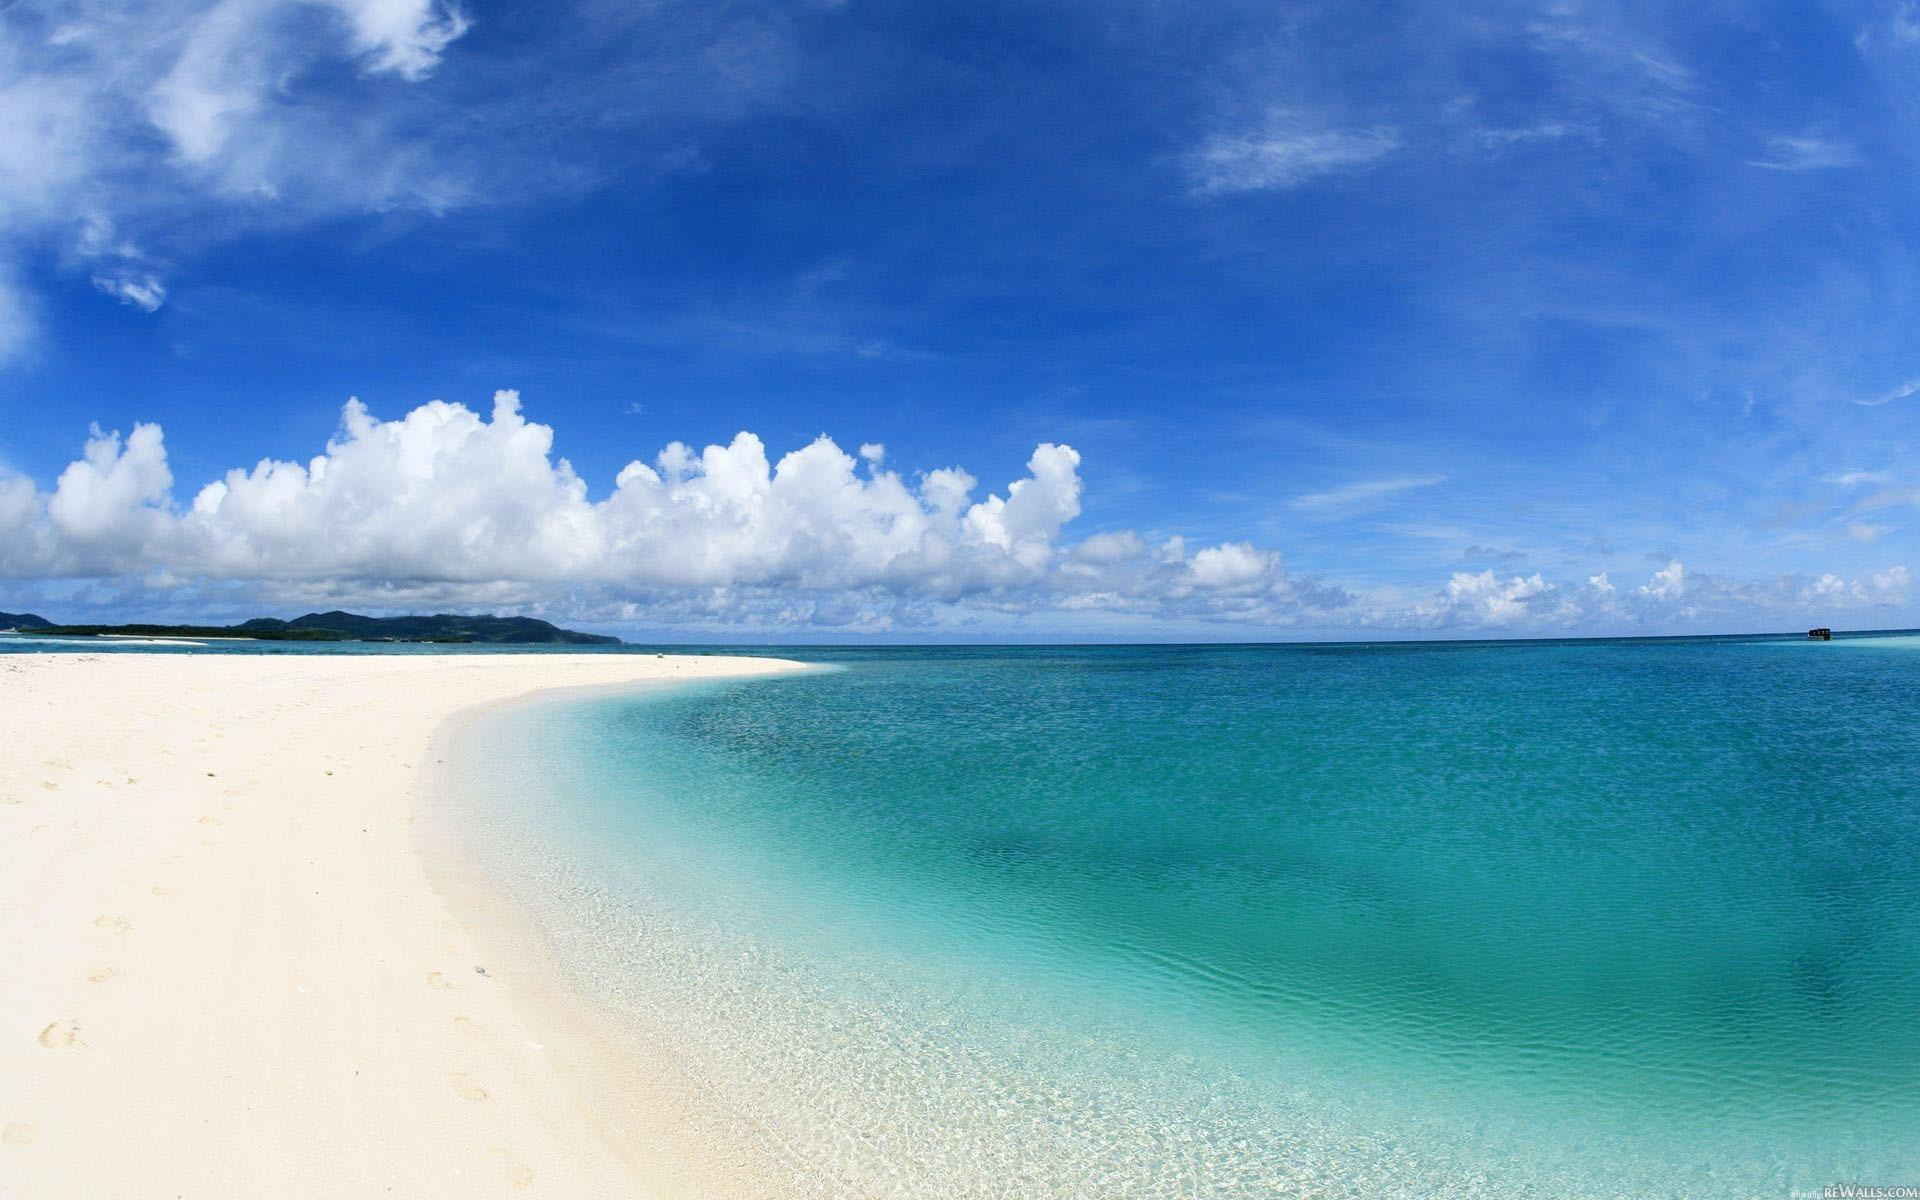 Hermoso mar azul - 1920x1200